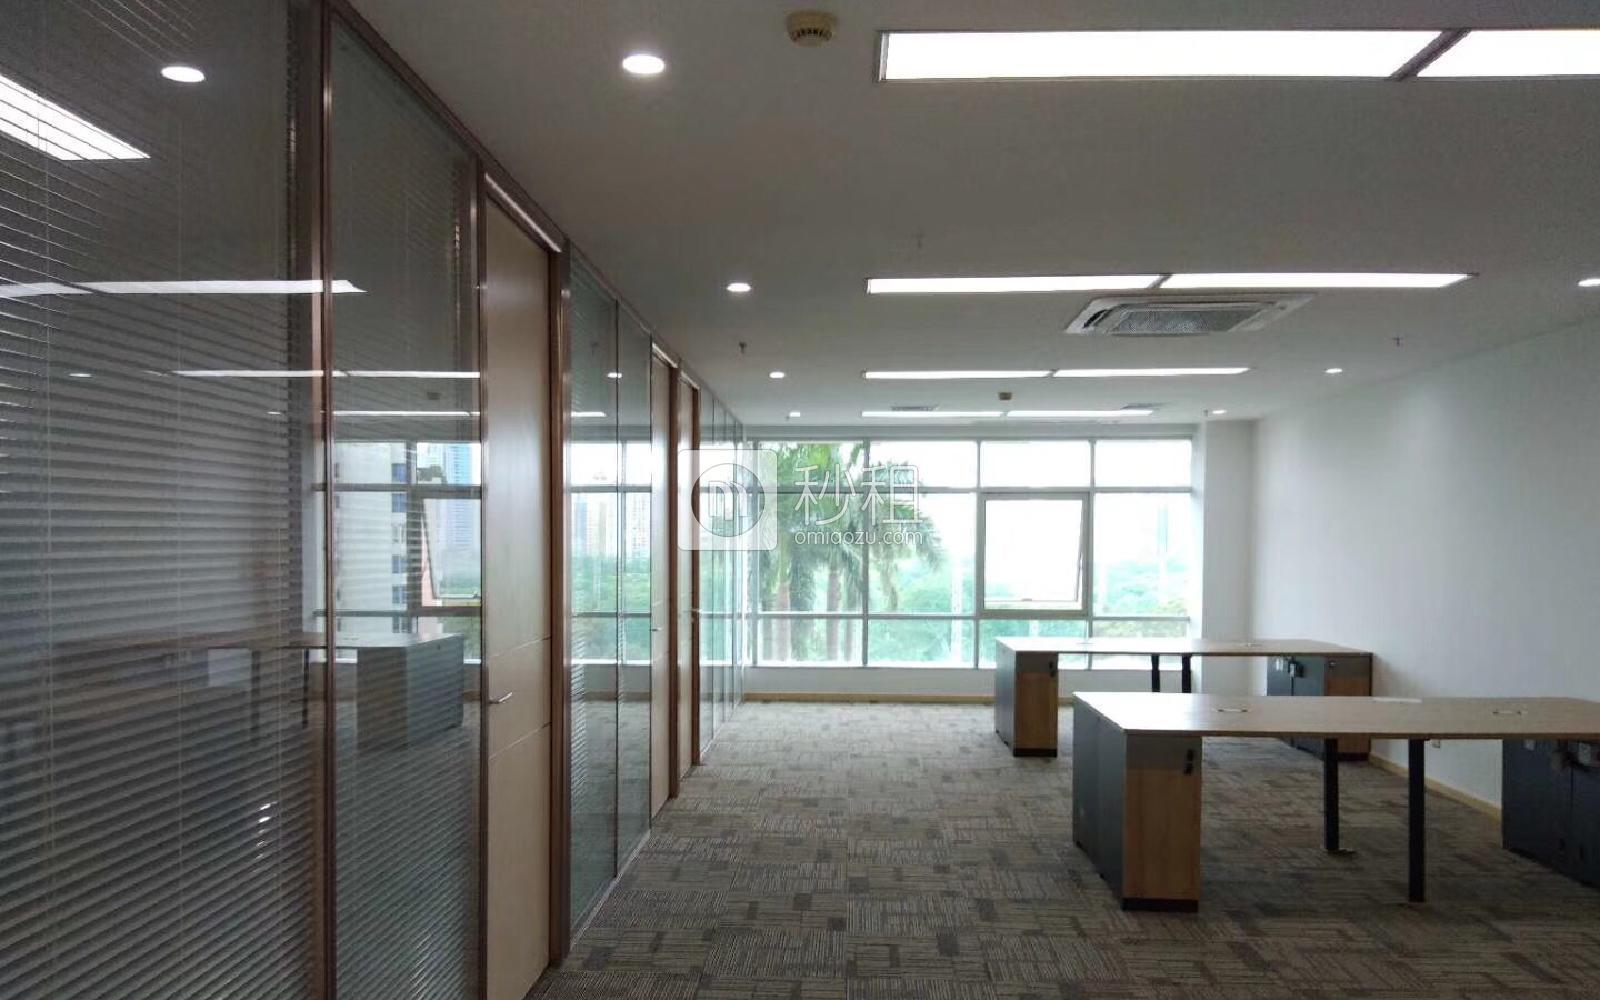 福田-车公庙 天安数码时代大厦 258m²